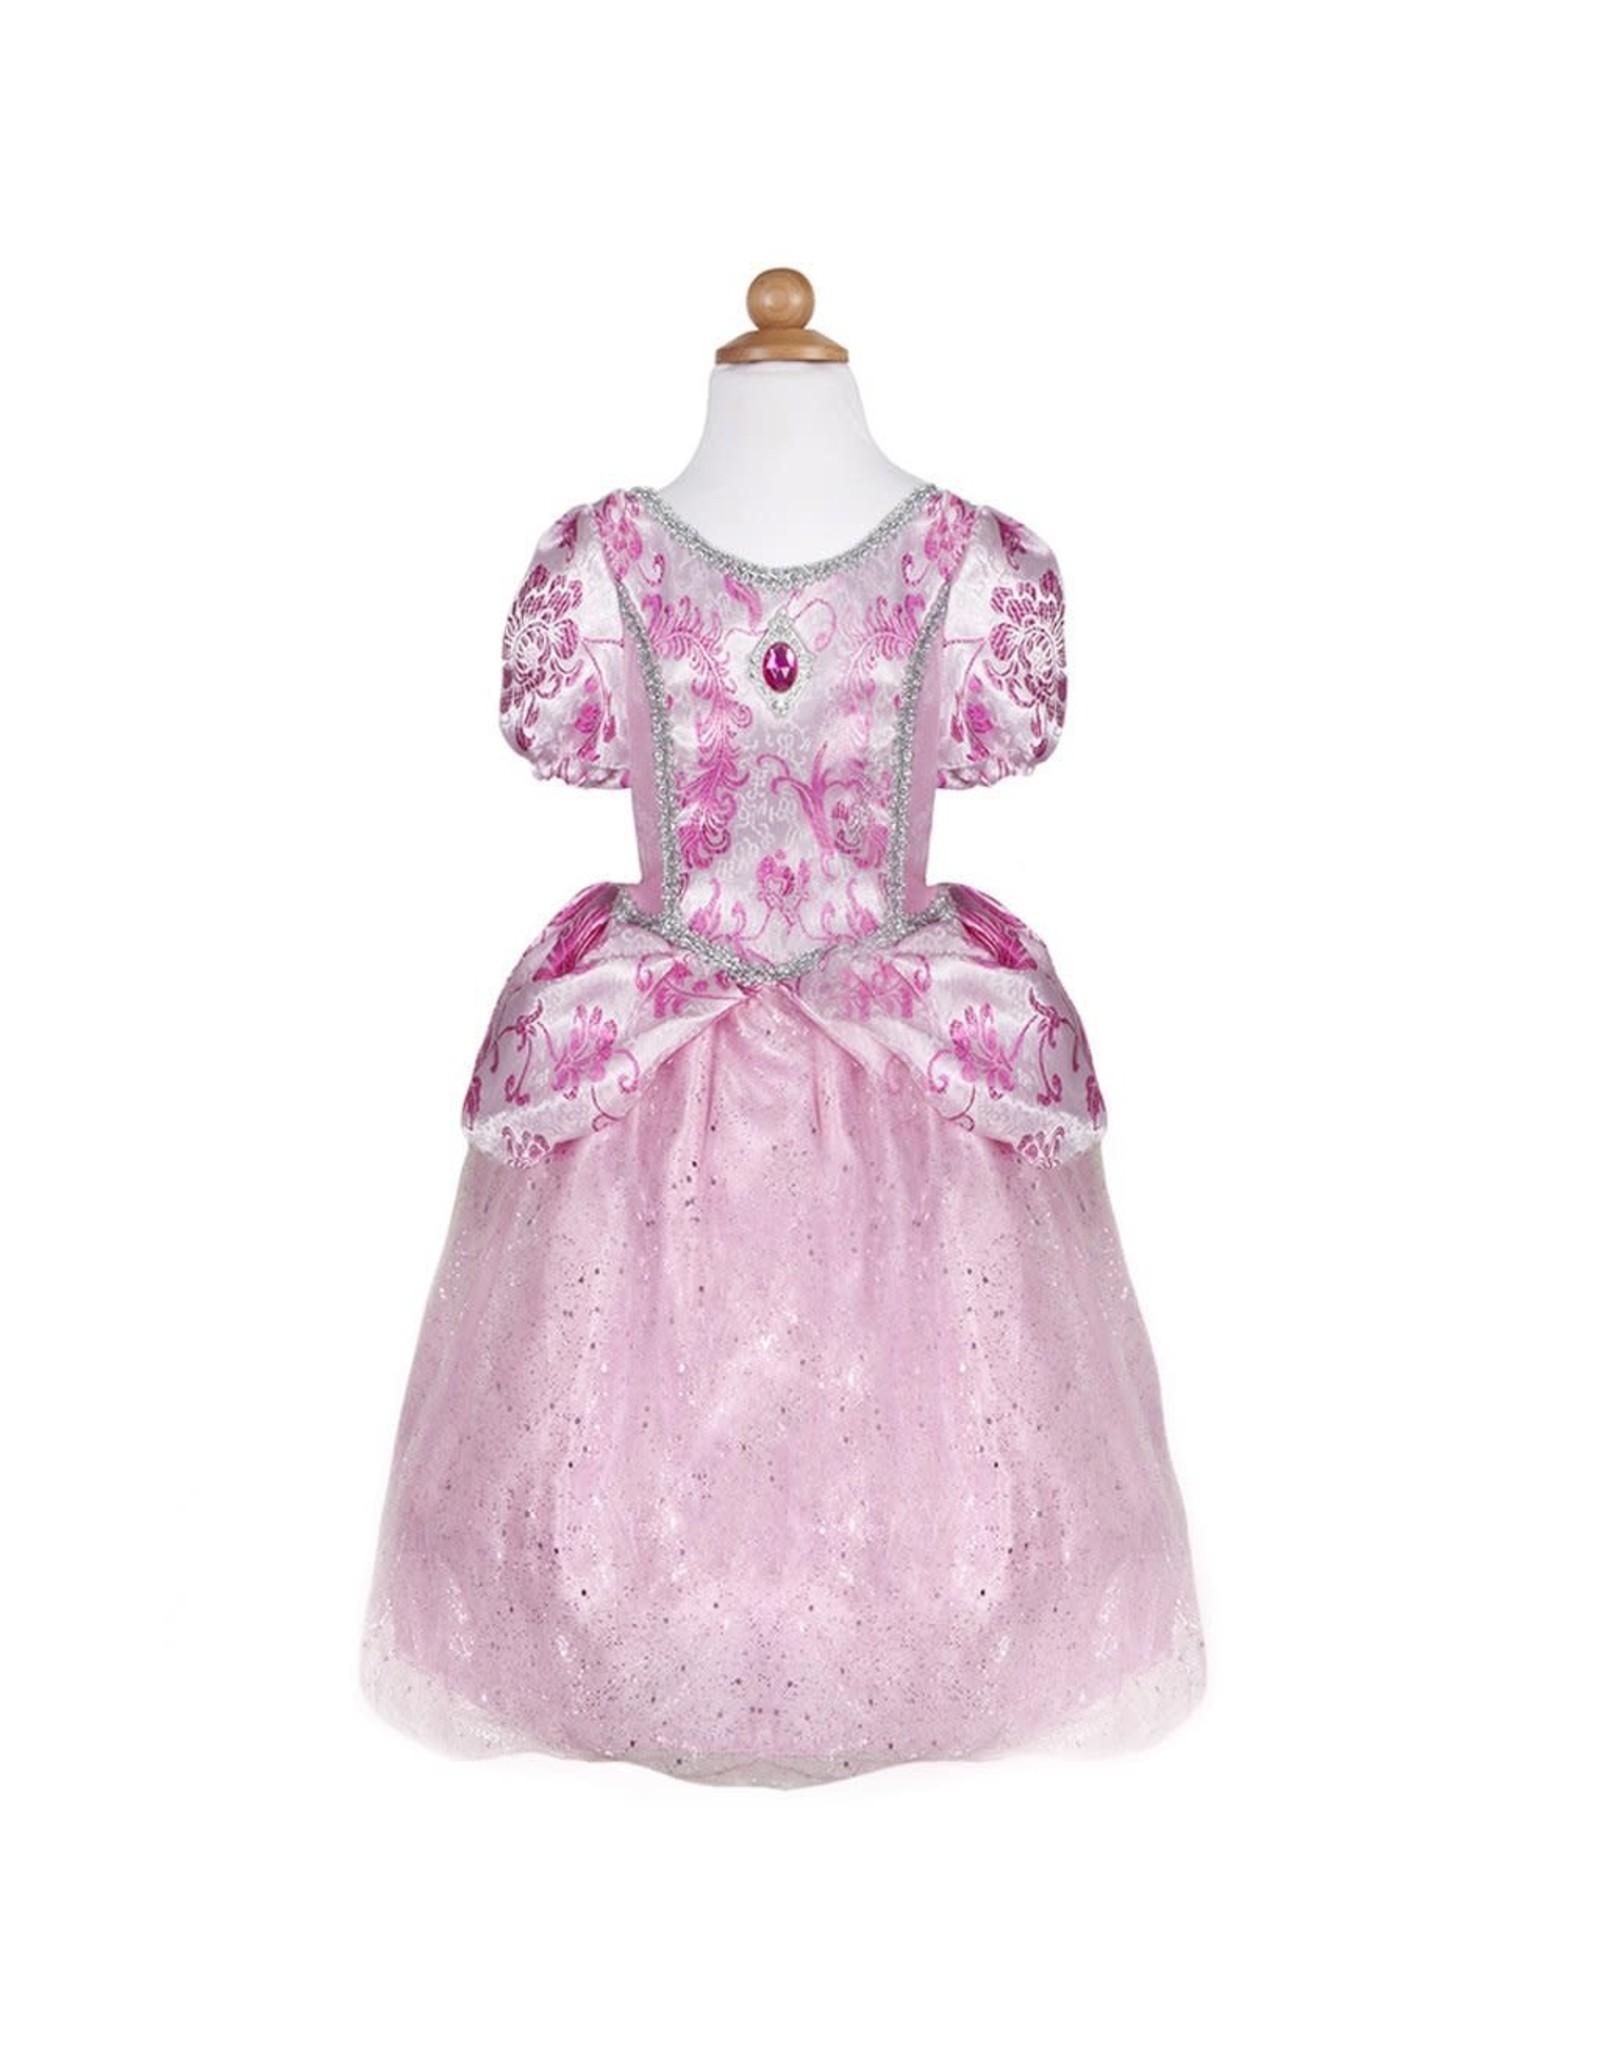 Great Pretenders Royal Pretty Princess Dress (pink)